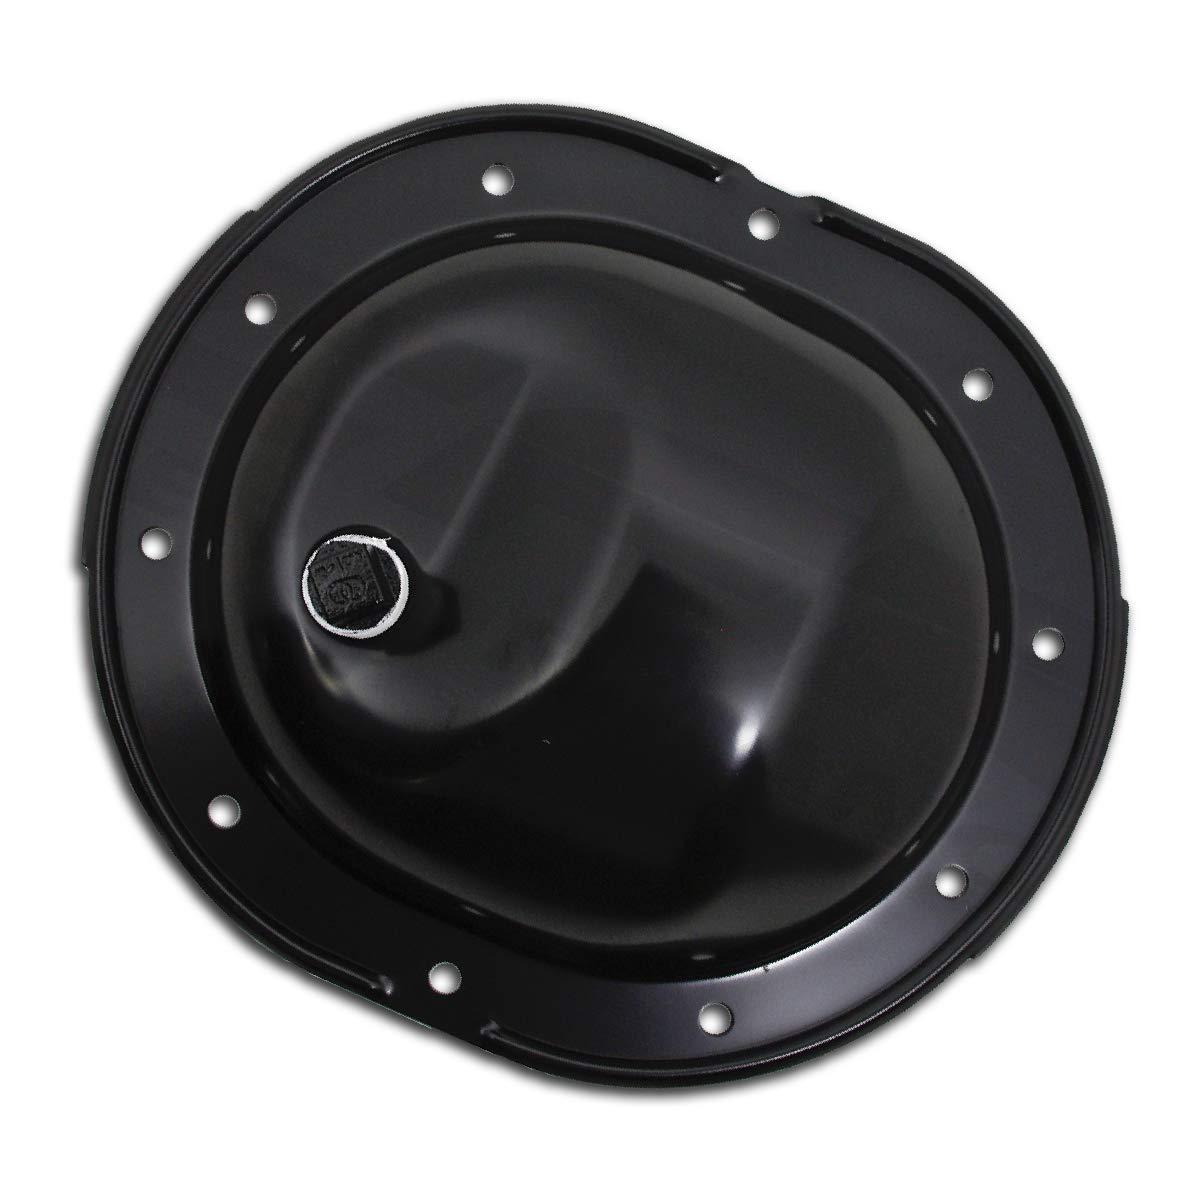 For 61-89 Chrysler Mopar Black Rear Differential Cover 10 Bolt W//Ring Gear